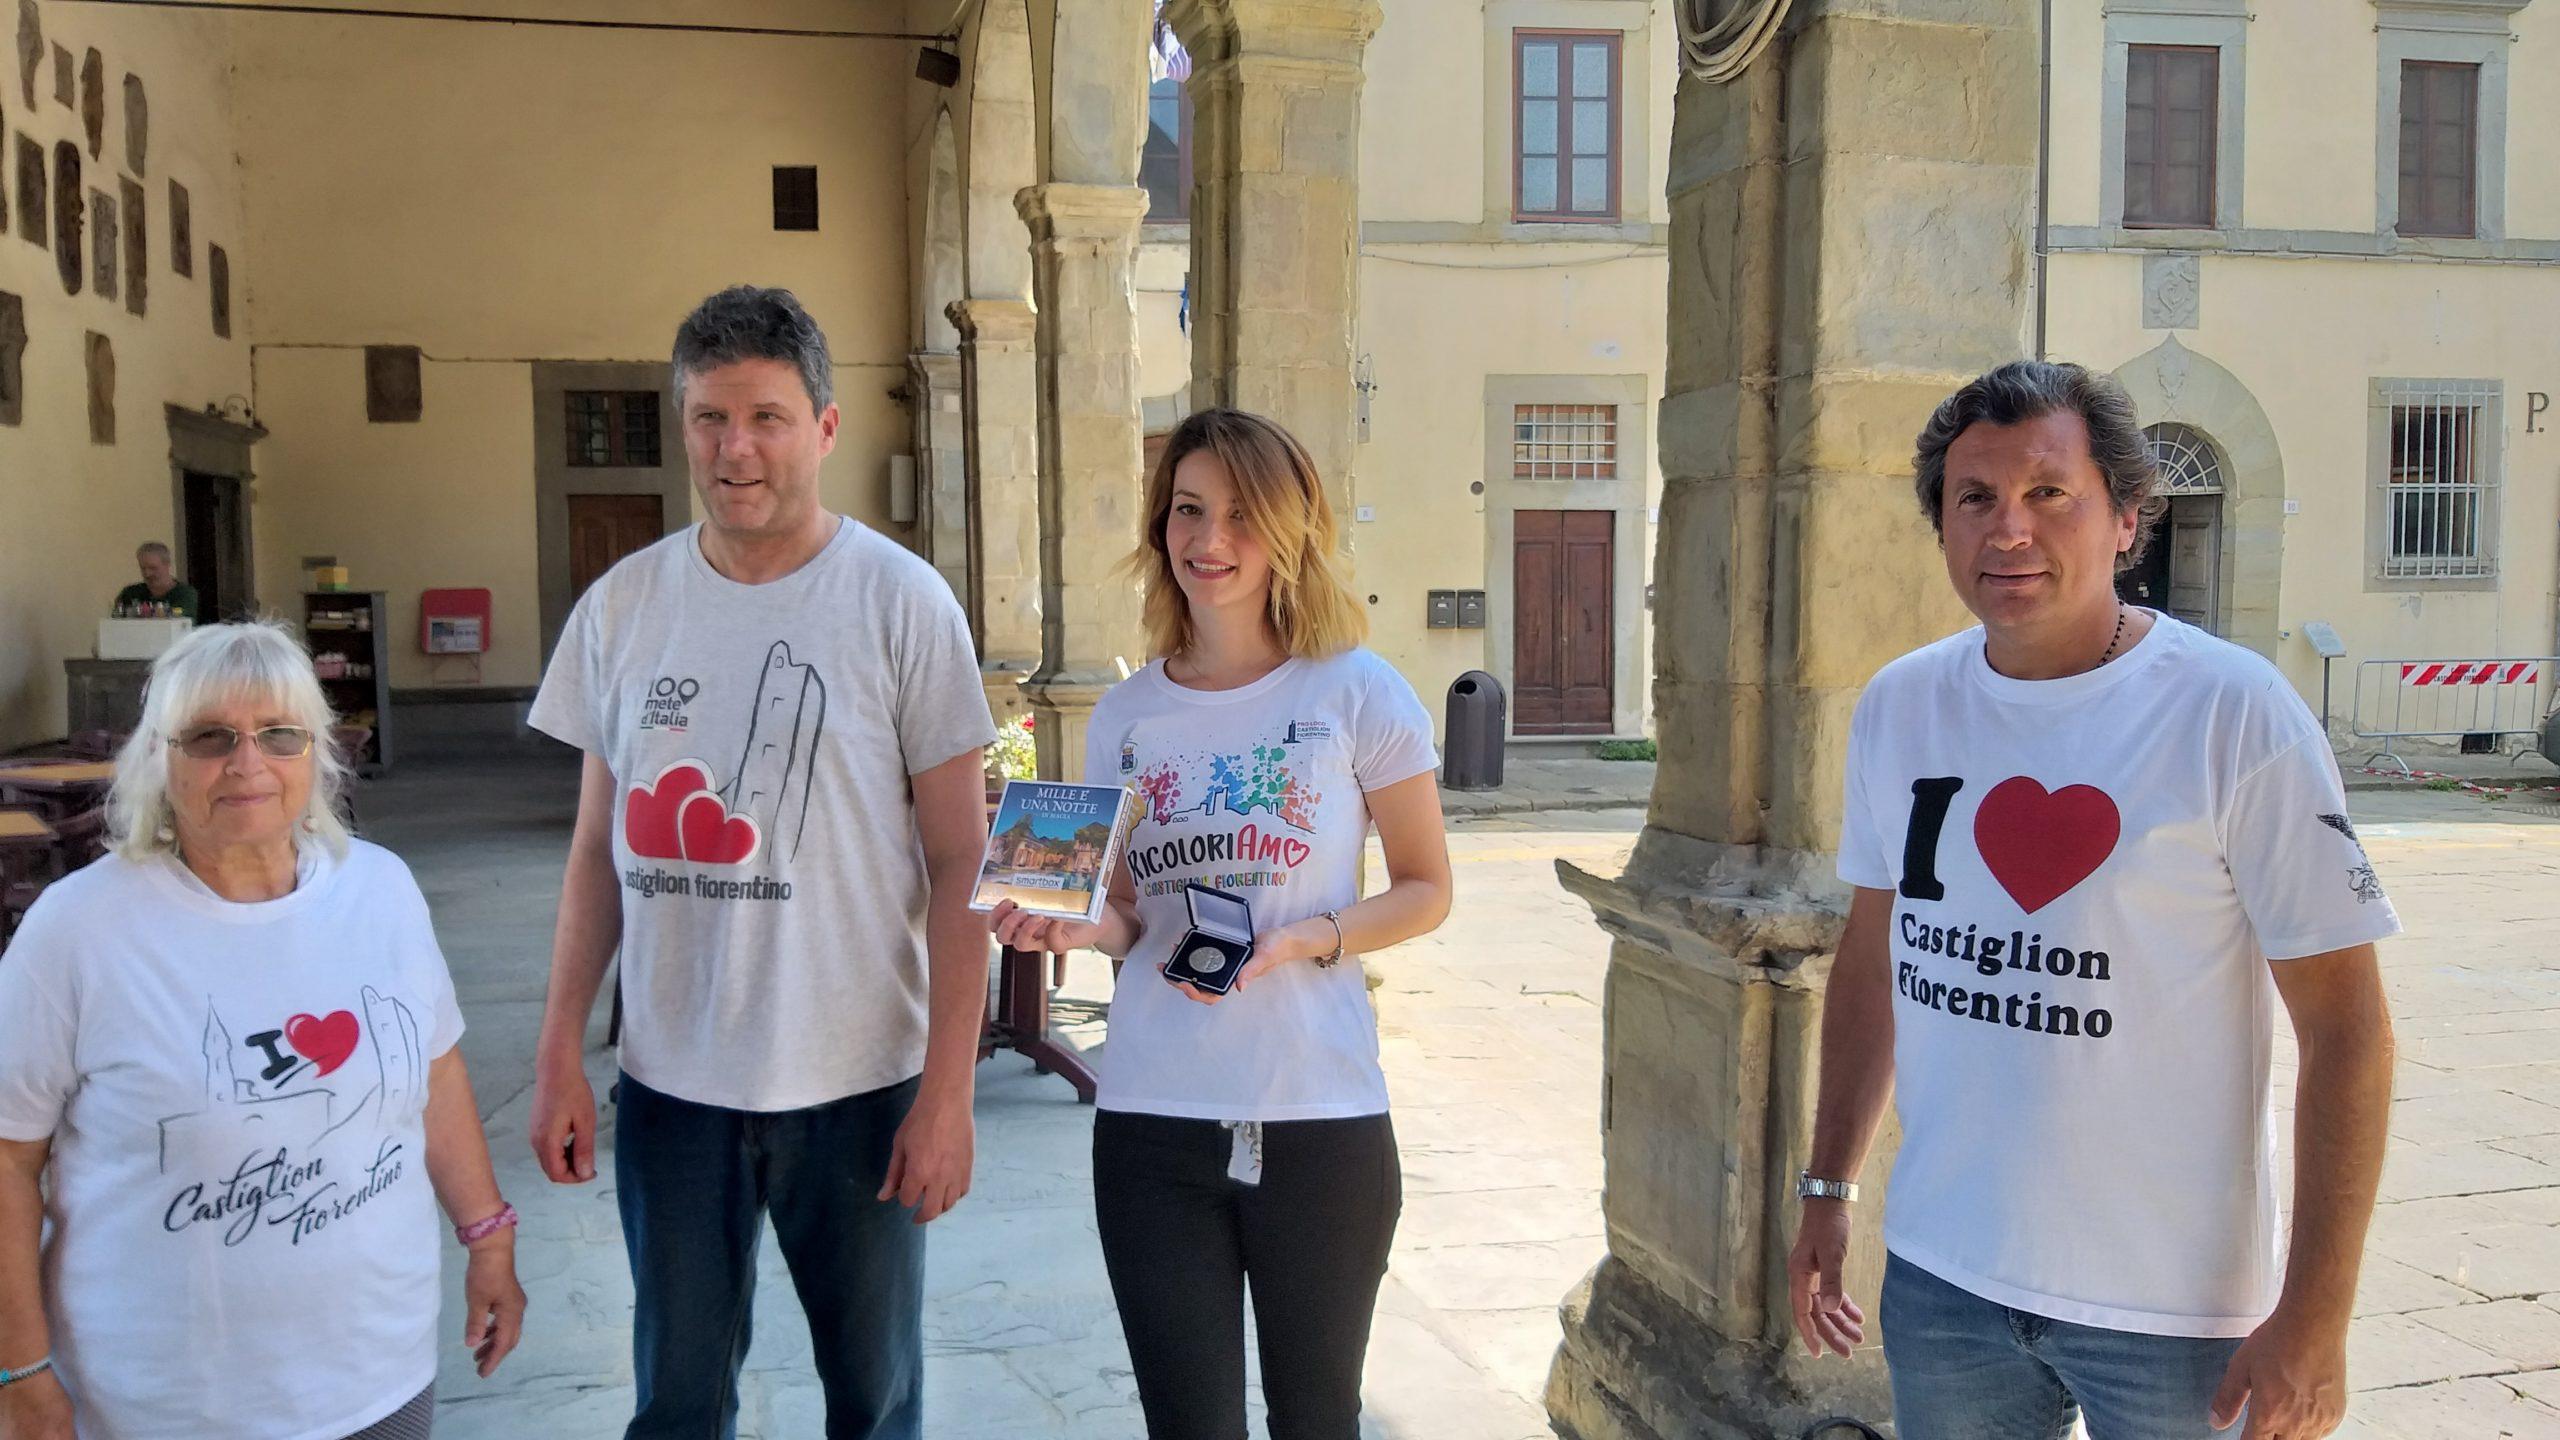 Laura Edy Cuseri vincitrice del concorso per la nuova t-shirt di Castiglion Fiorentino